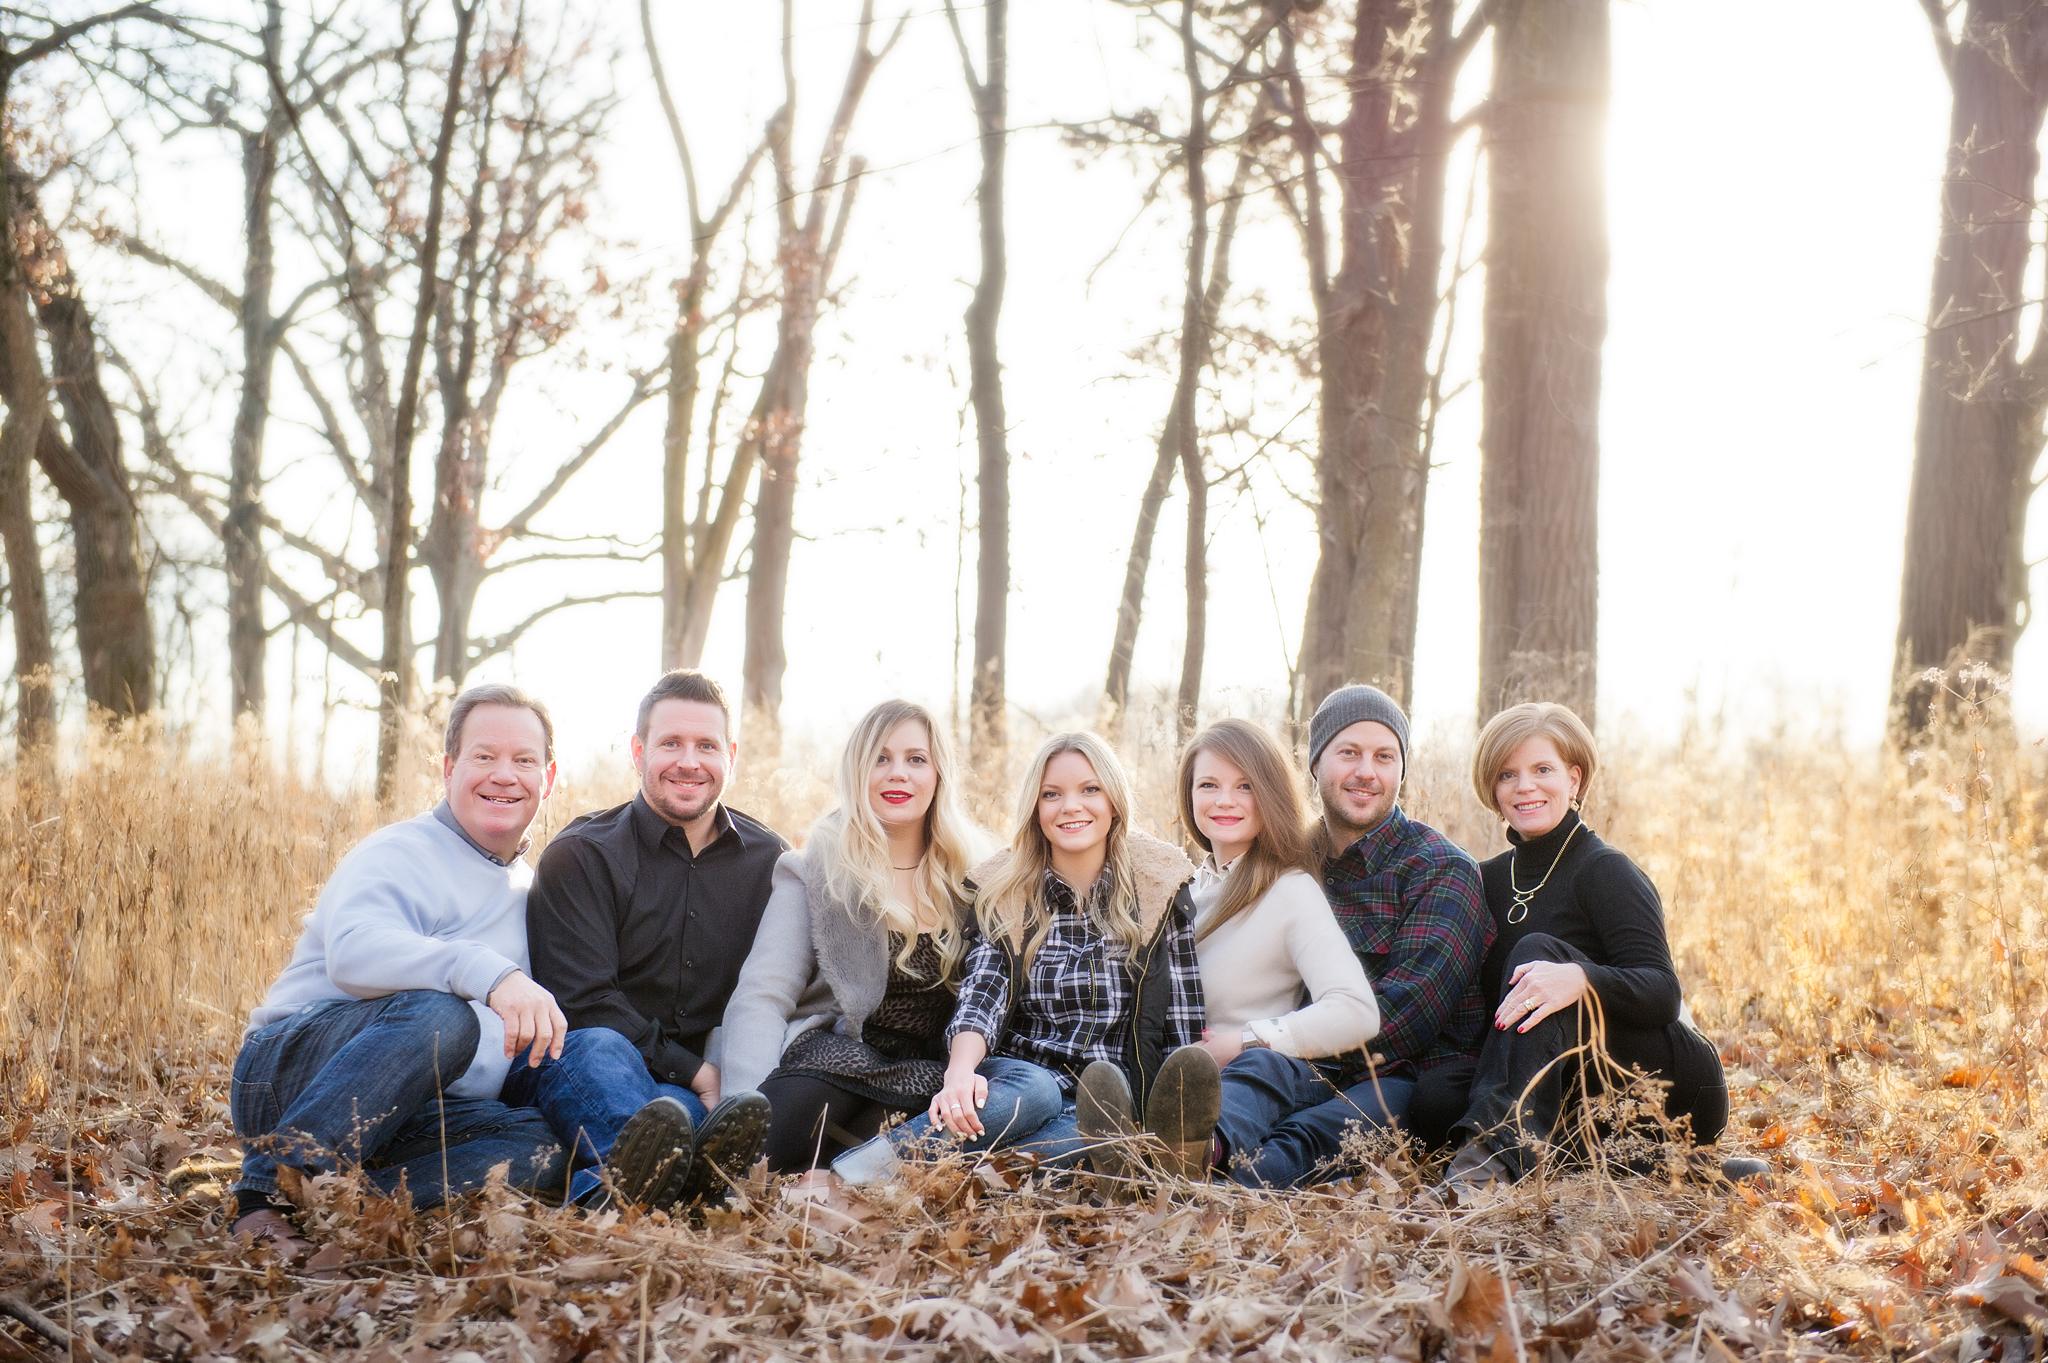 Kreiling-Family-Social-Media.png